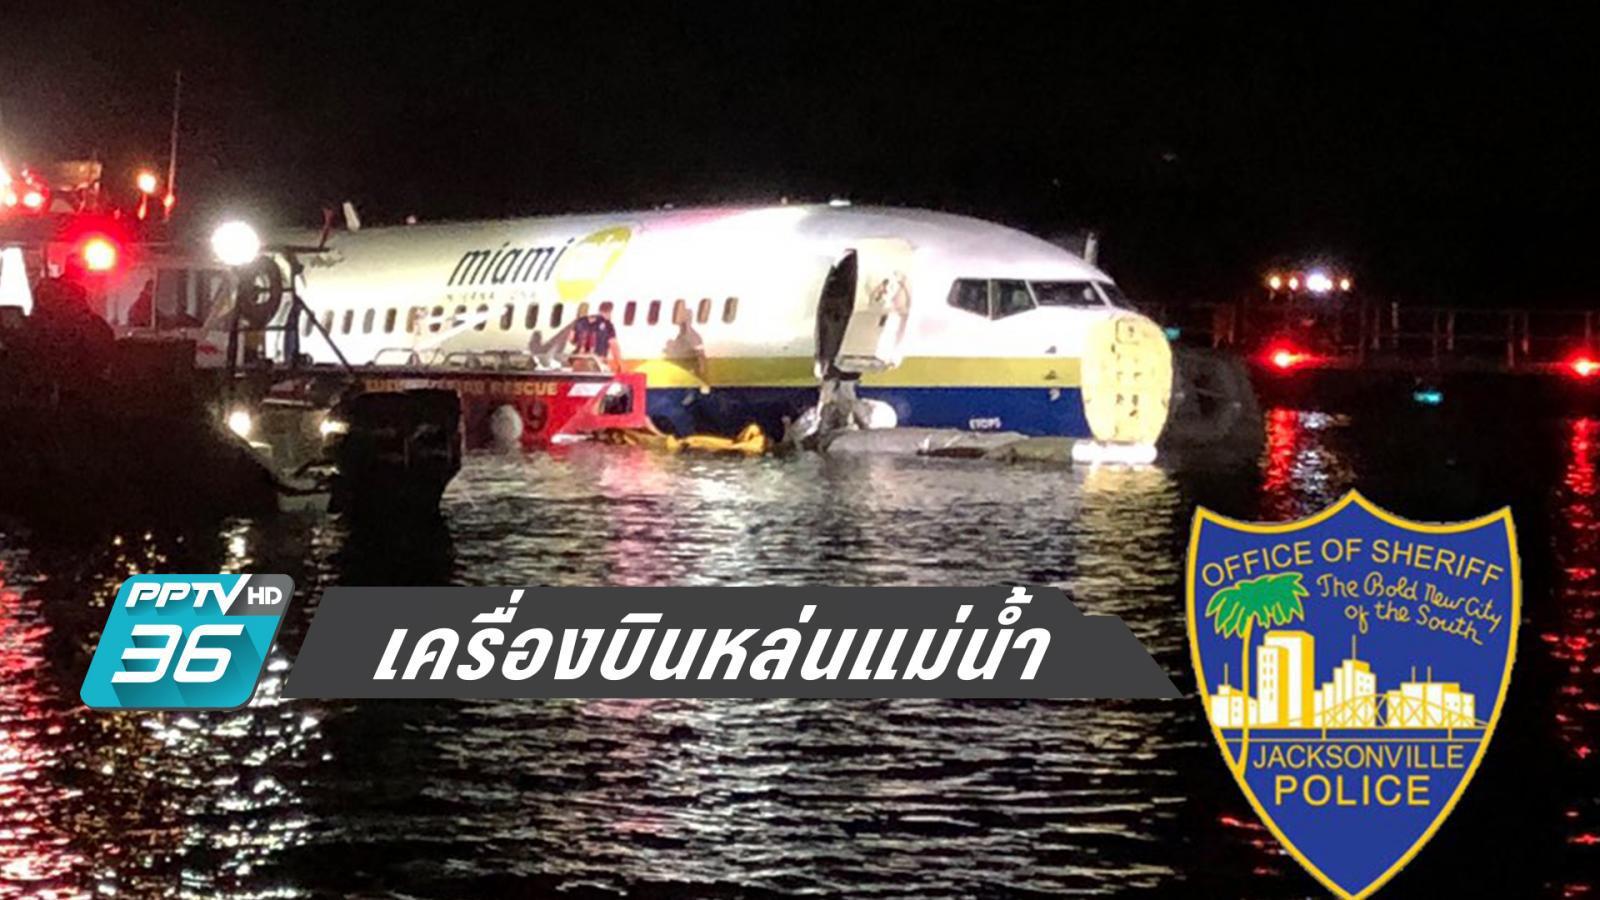 เครื่องบินหล่นรันเวย์ ตกลงในแม่น้ำที่ สหรัฐอเมริกา